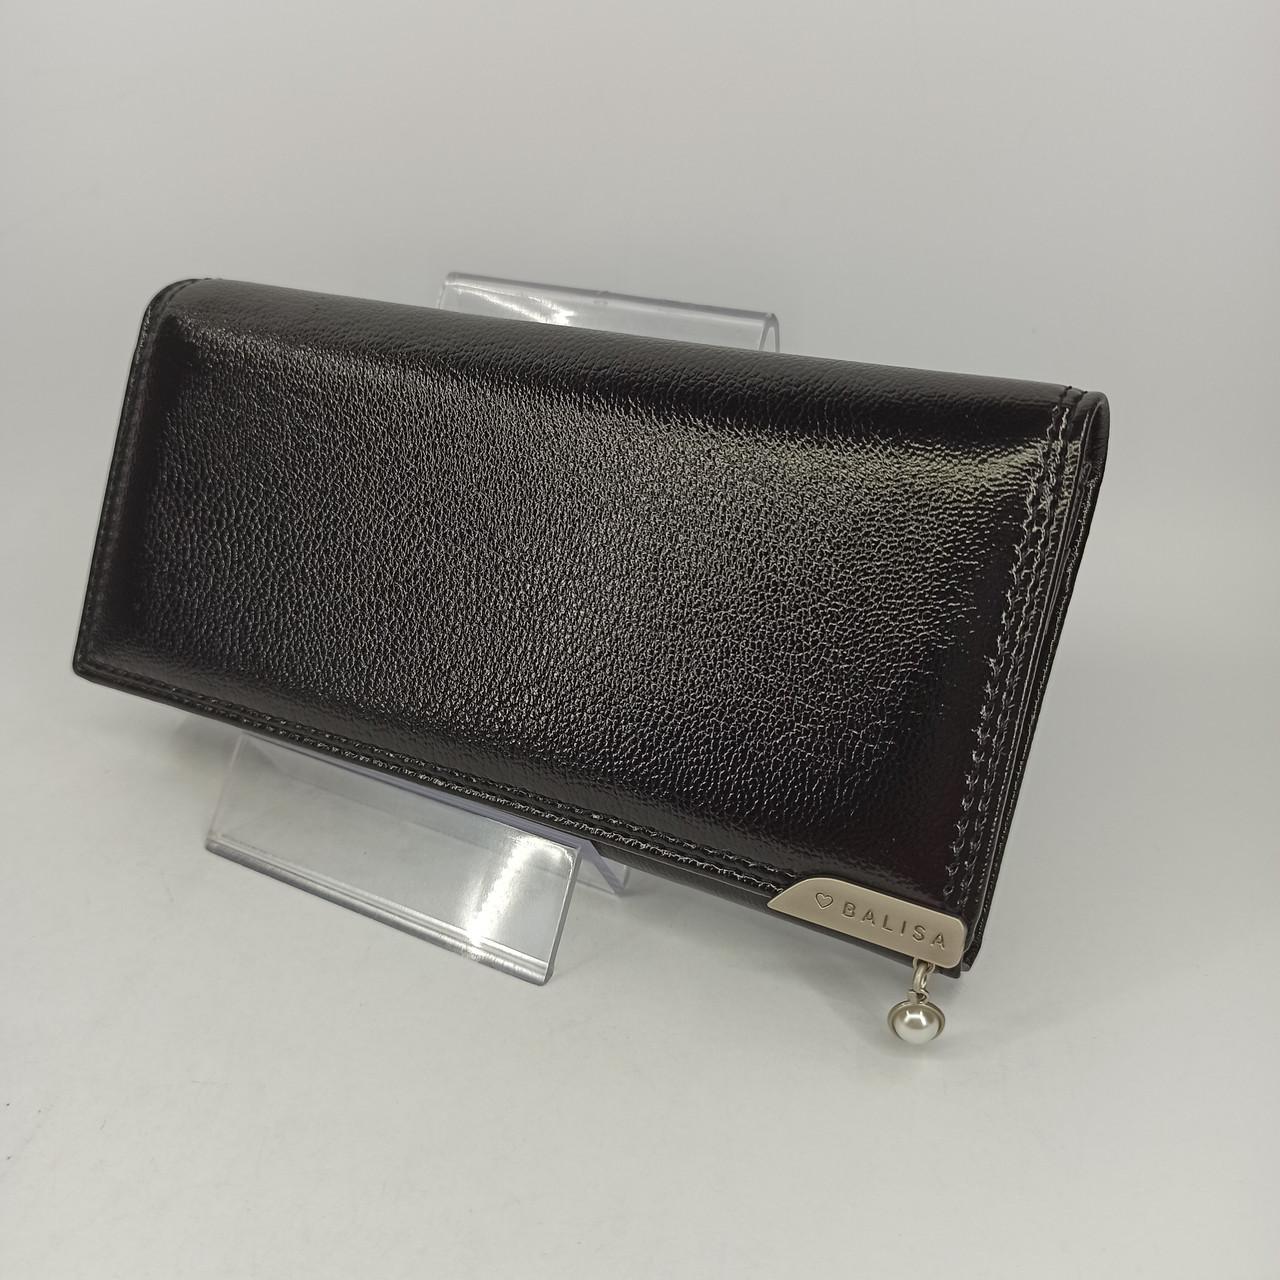 Класичний жіночий гаманець / Классический женский кошелек Balisa C88200-144 black